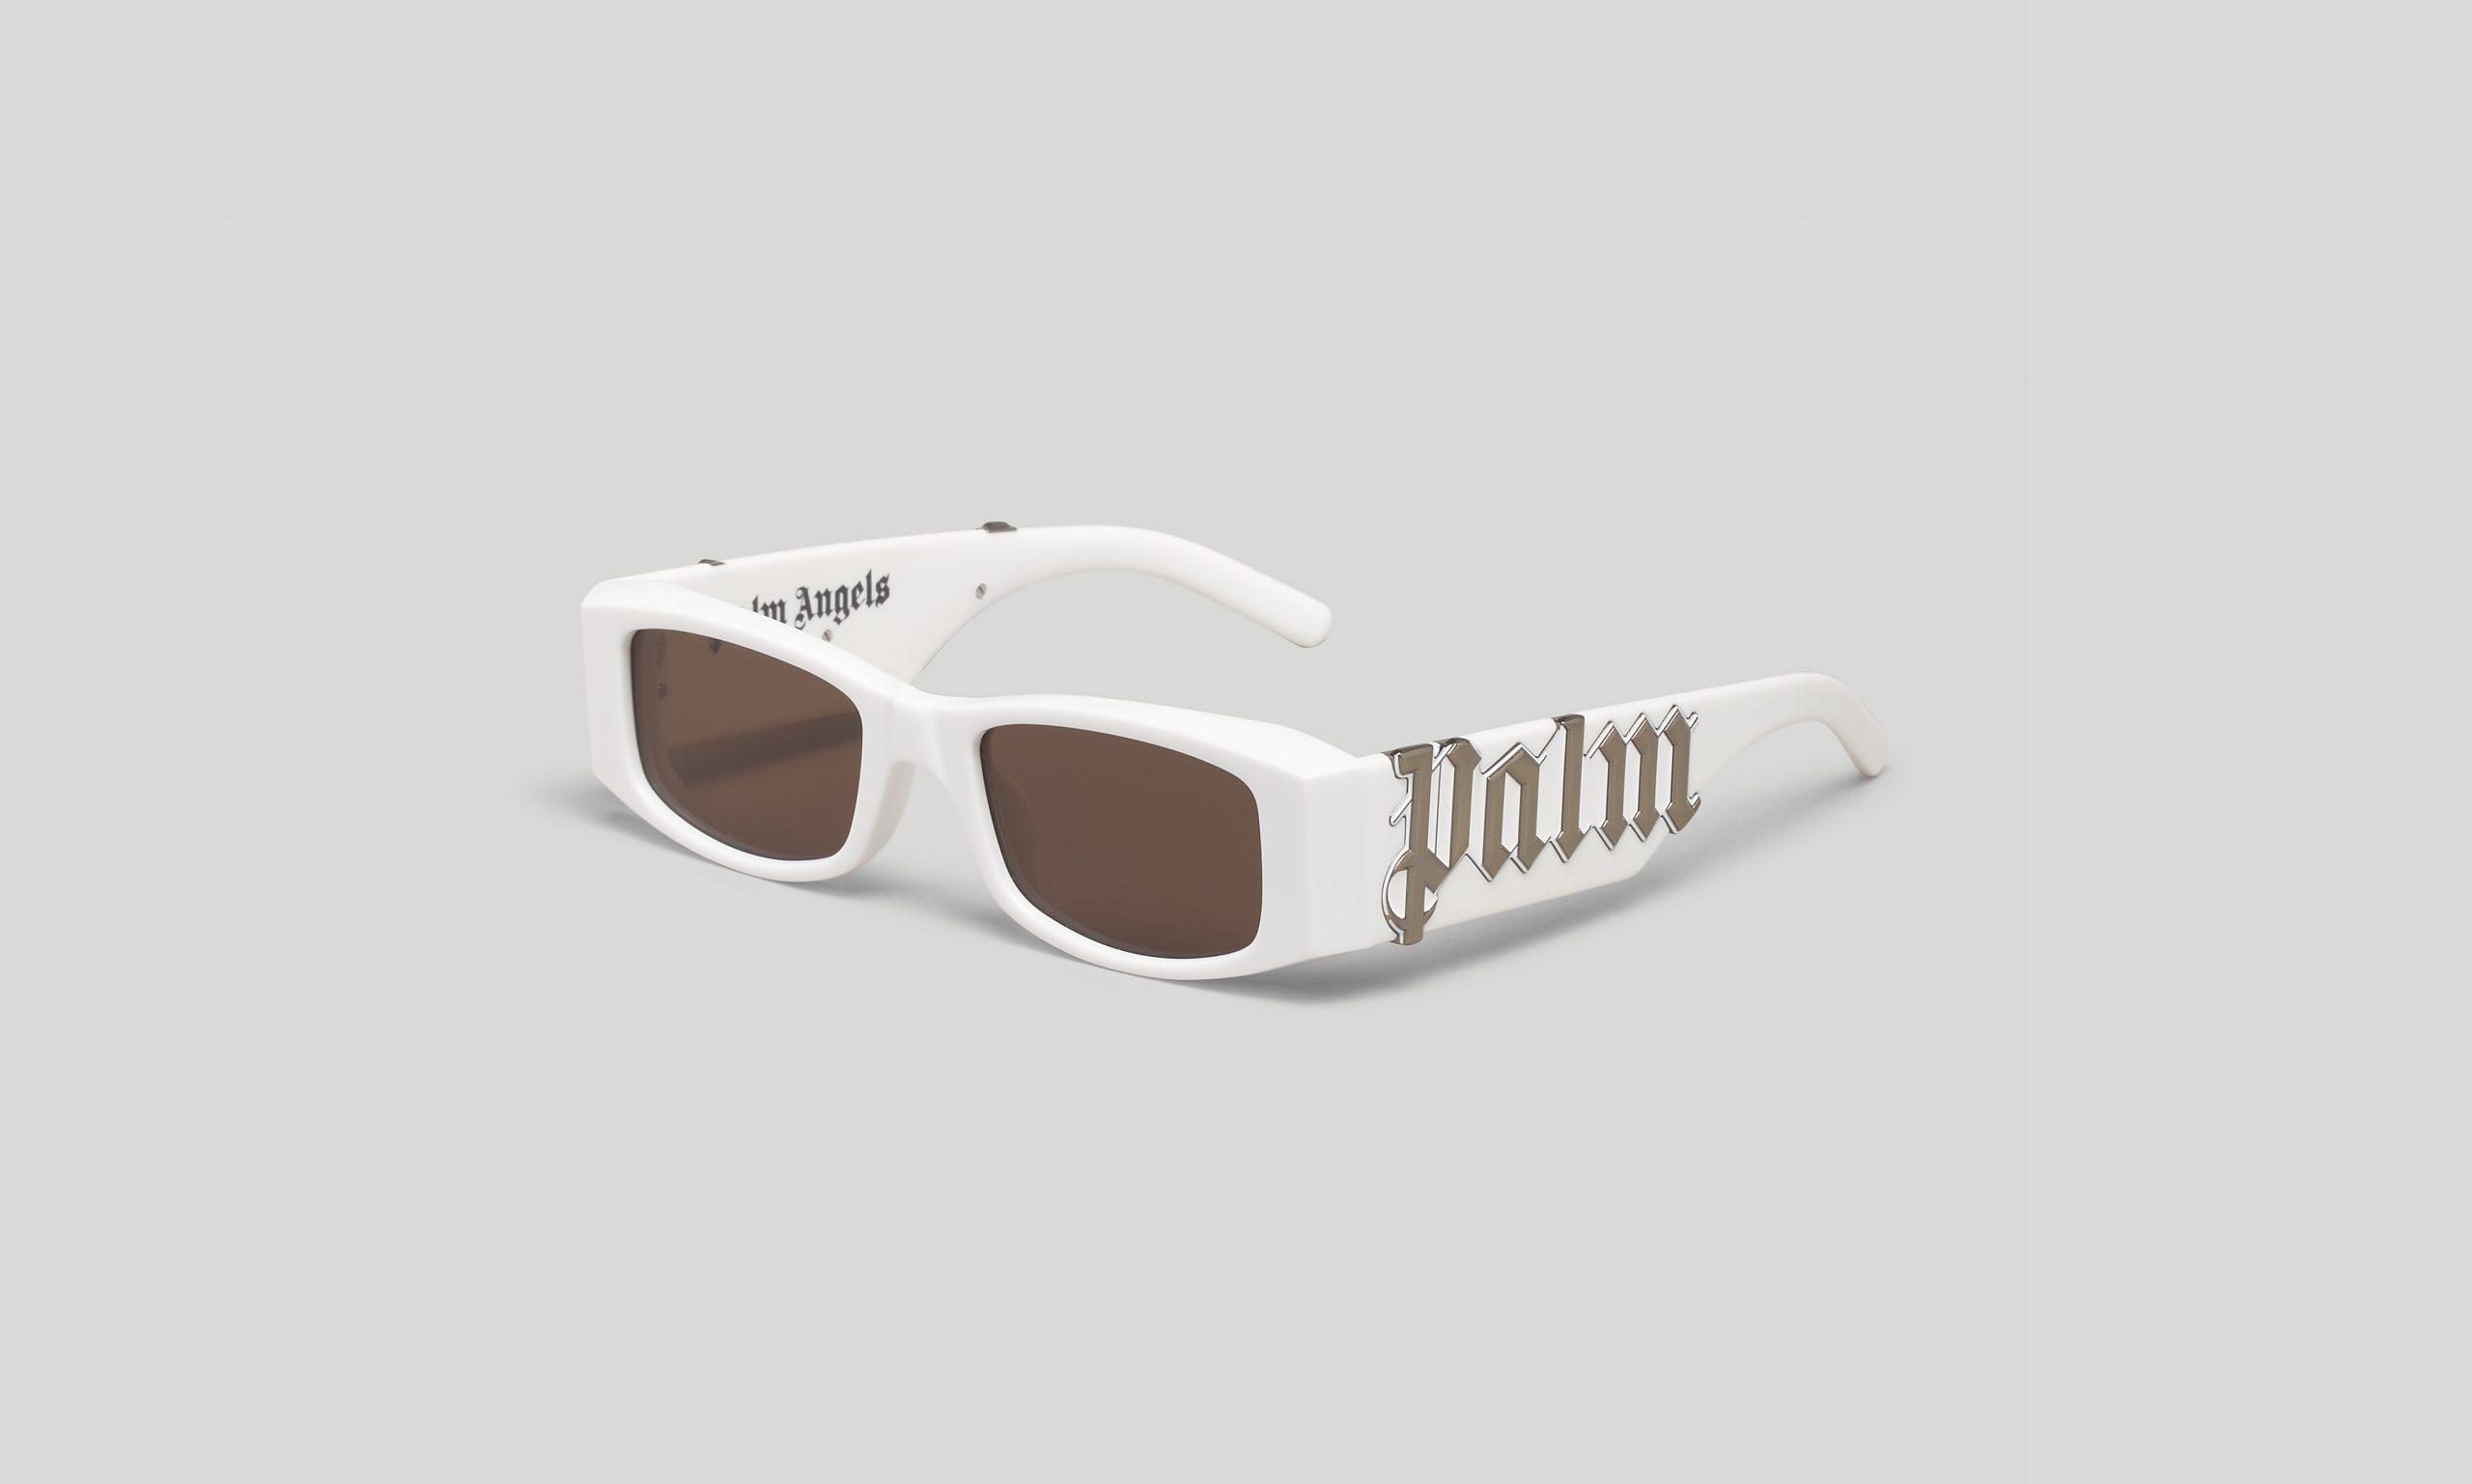 全新经典即将来袭,Palm Angels 推出眼镜系列